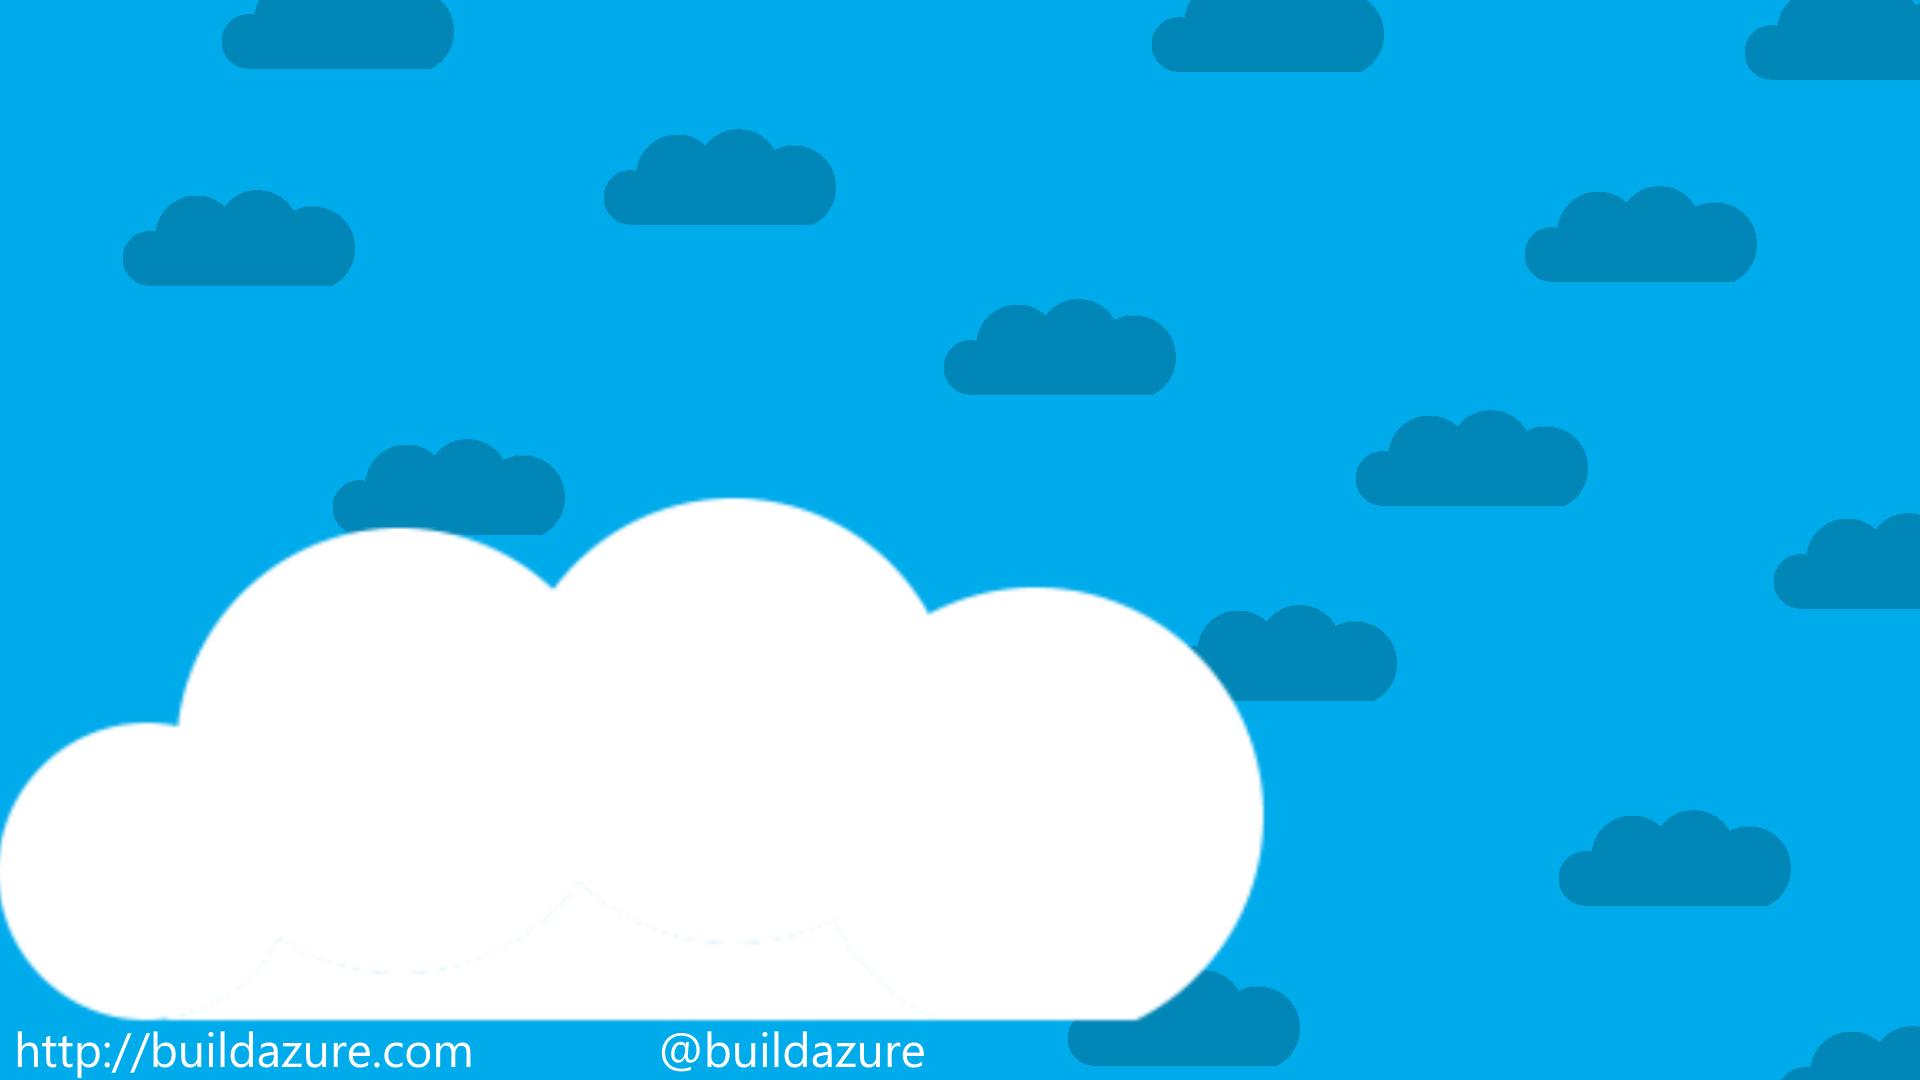 Build Azure Desktop Wallpaper Build Azure